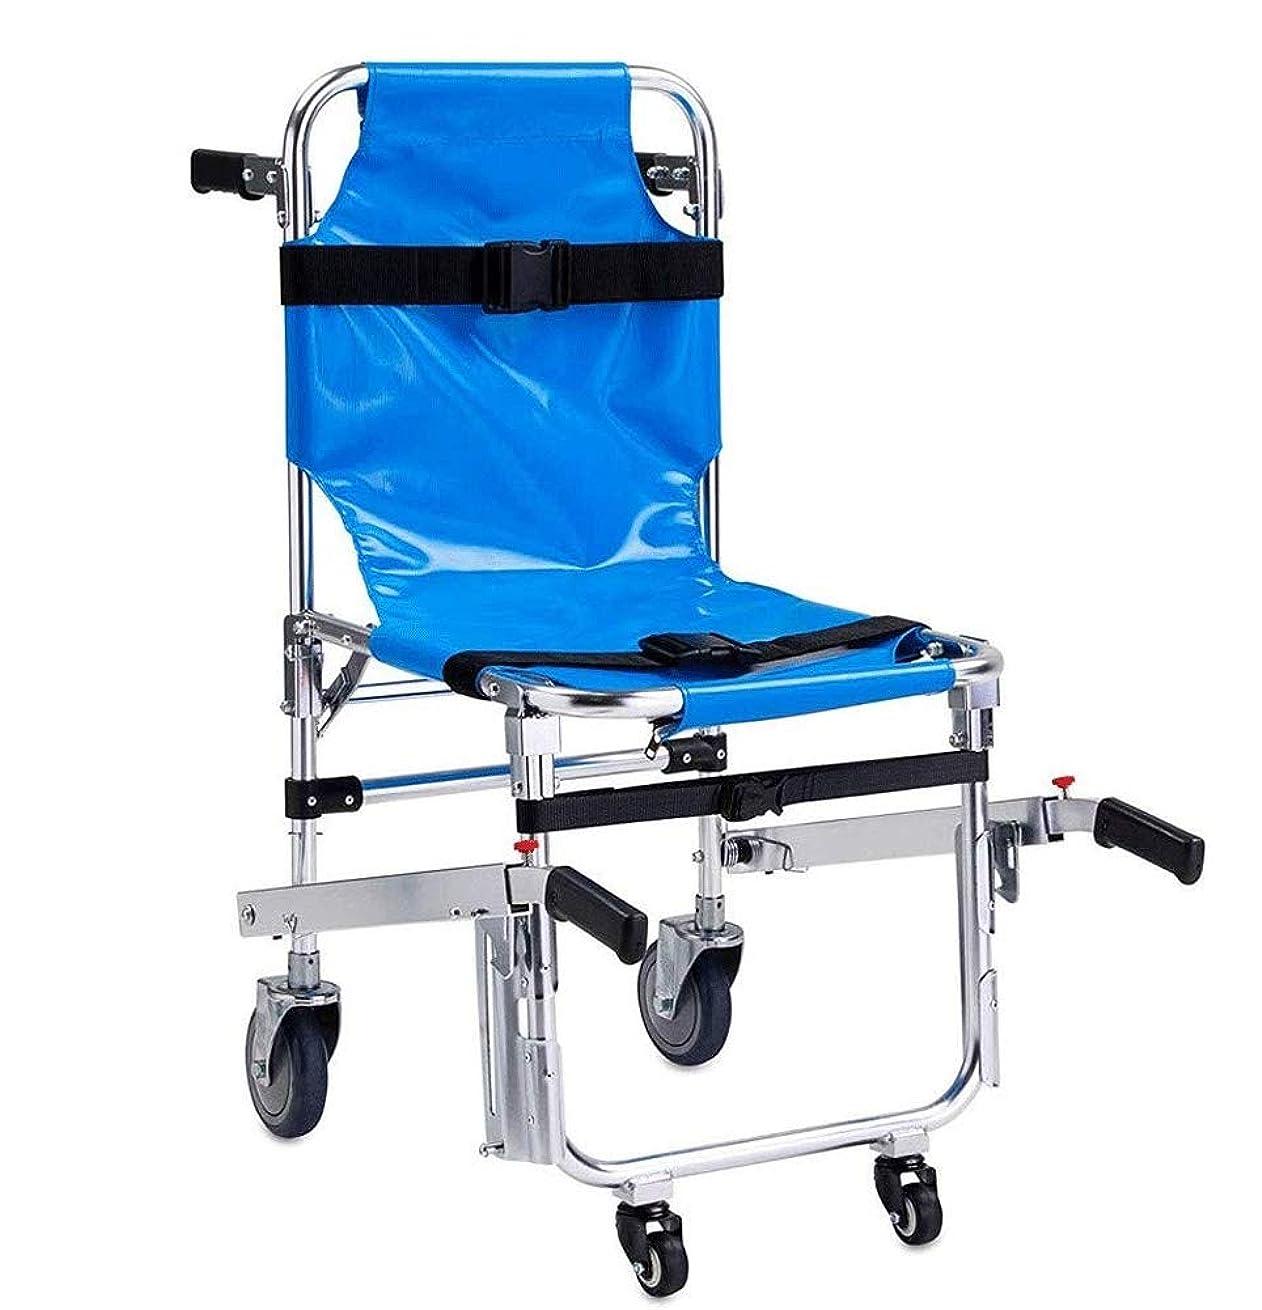 競争北方正統派EMS階段椅子、患者拘束ストラップと緊急4ホイール救急車消防士避難医療交通チェア、350ポンド容量、36